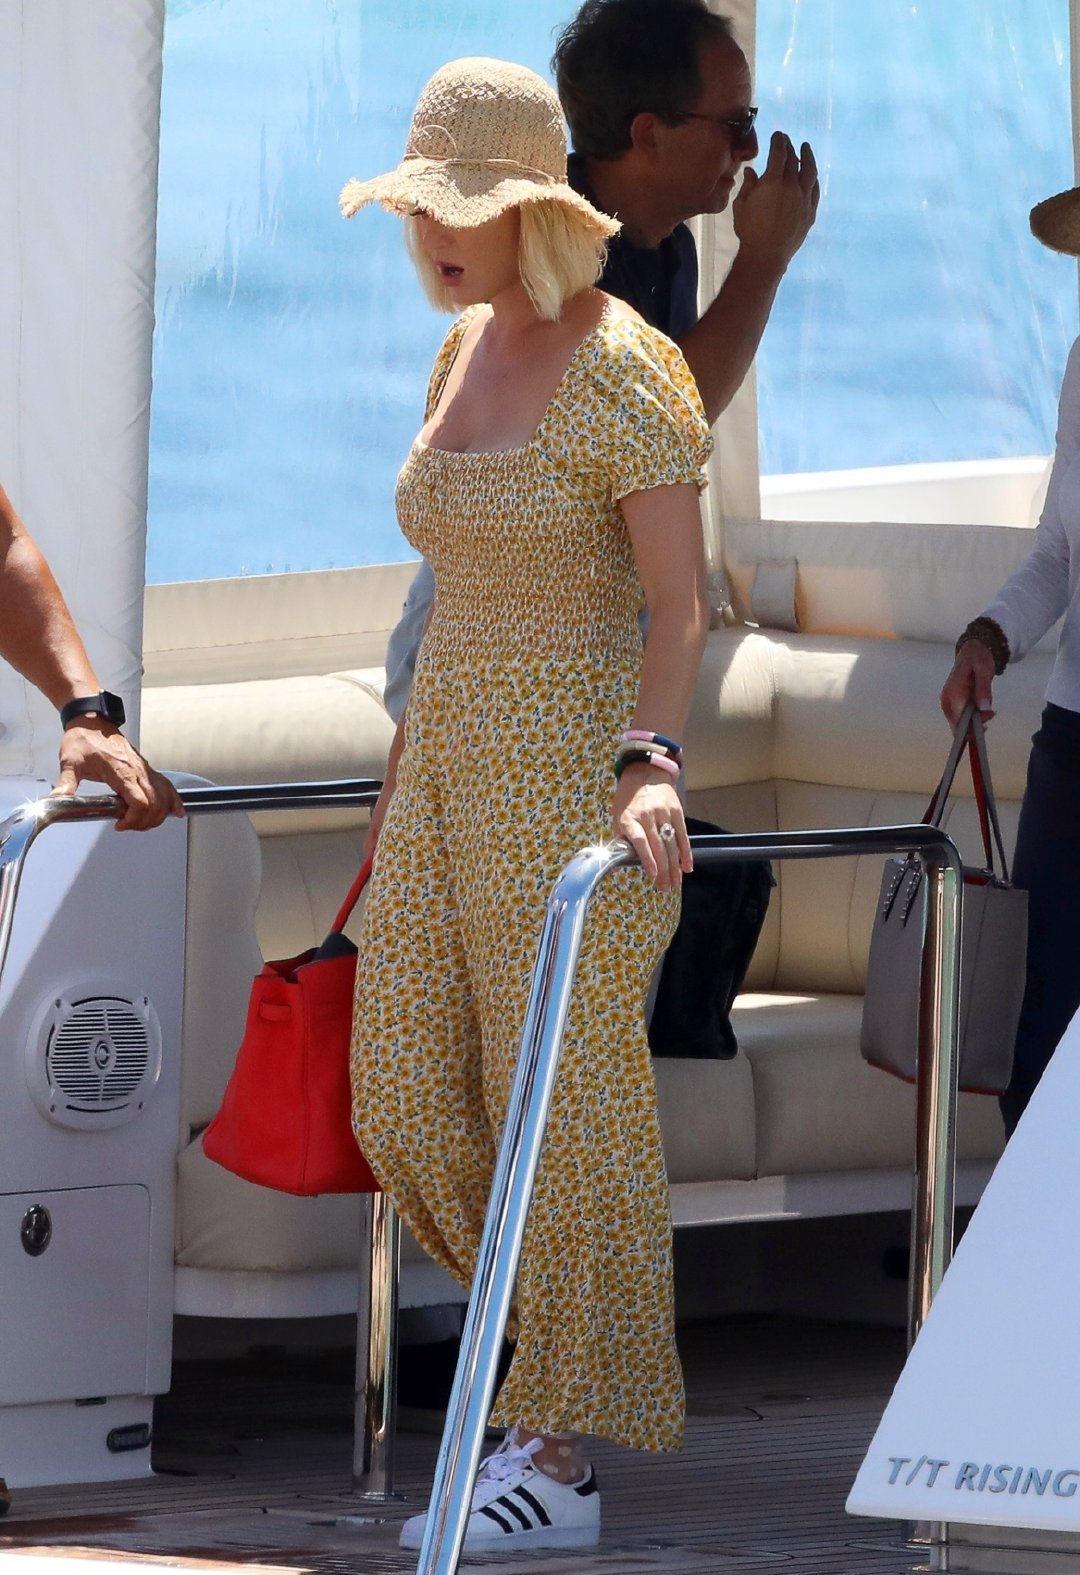 水果姐凯蒂穿碎花连体裤海边度假,戴草帽元气十足,35岁依旧少女